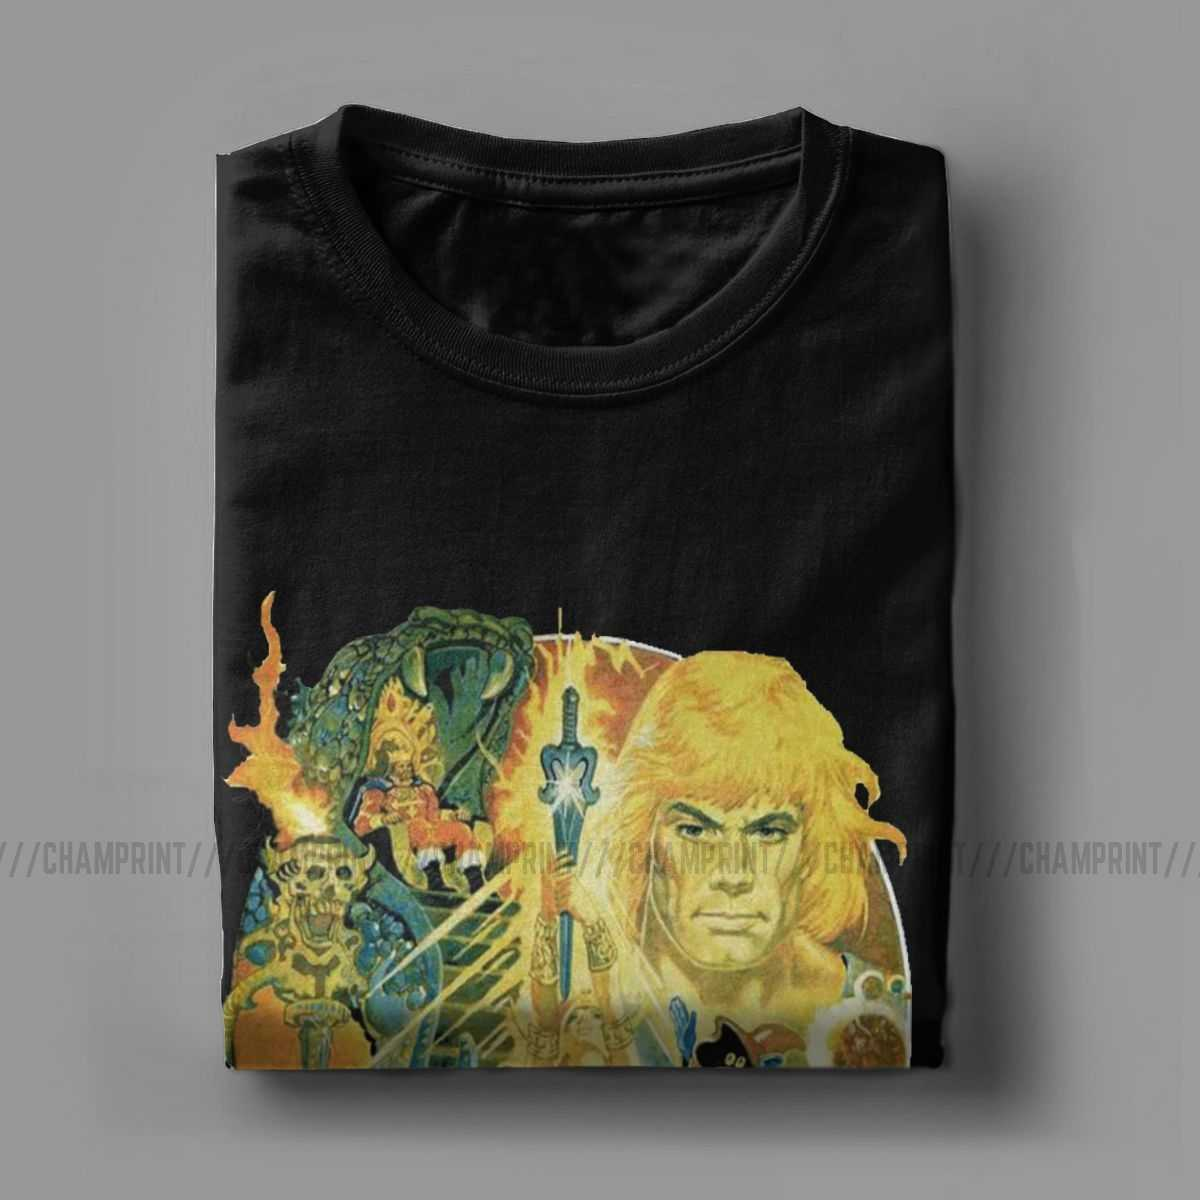 Segreto Della Spada He-Man Masters Of The Universe T Camicette T-Shirt da Uomo Skeletor 80s Lei -Ra Bestia Tee Manica Corta Grande Formato